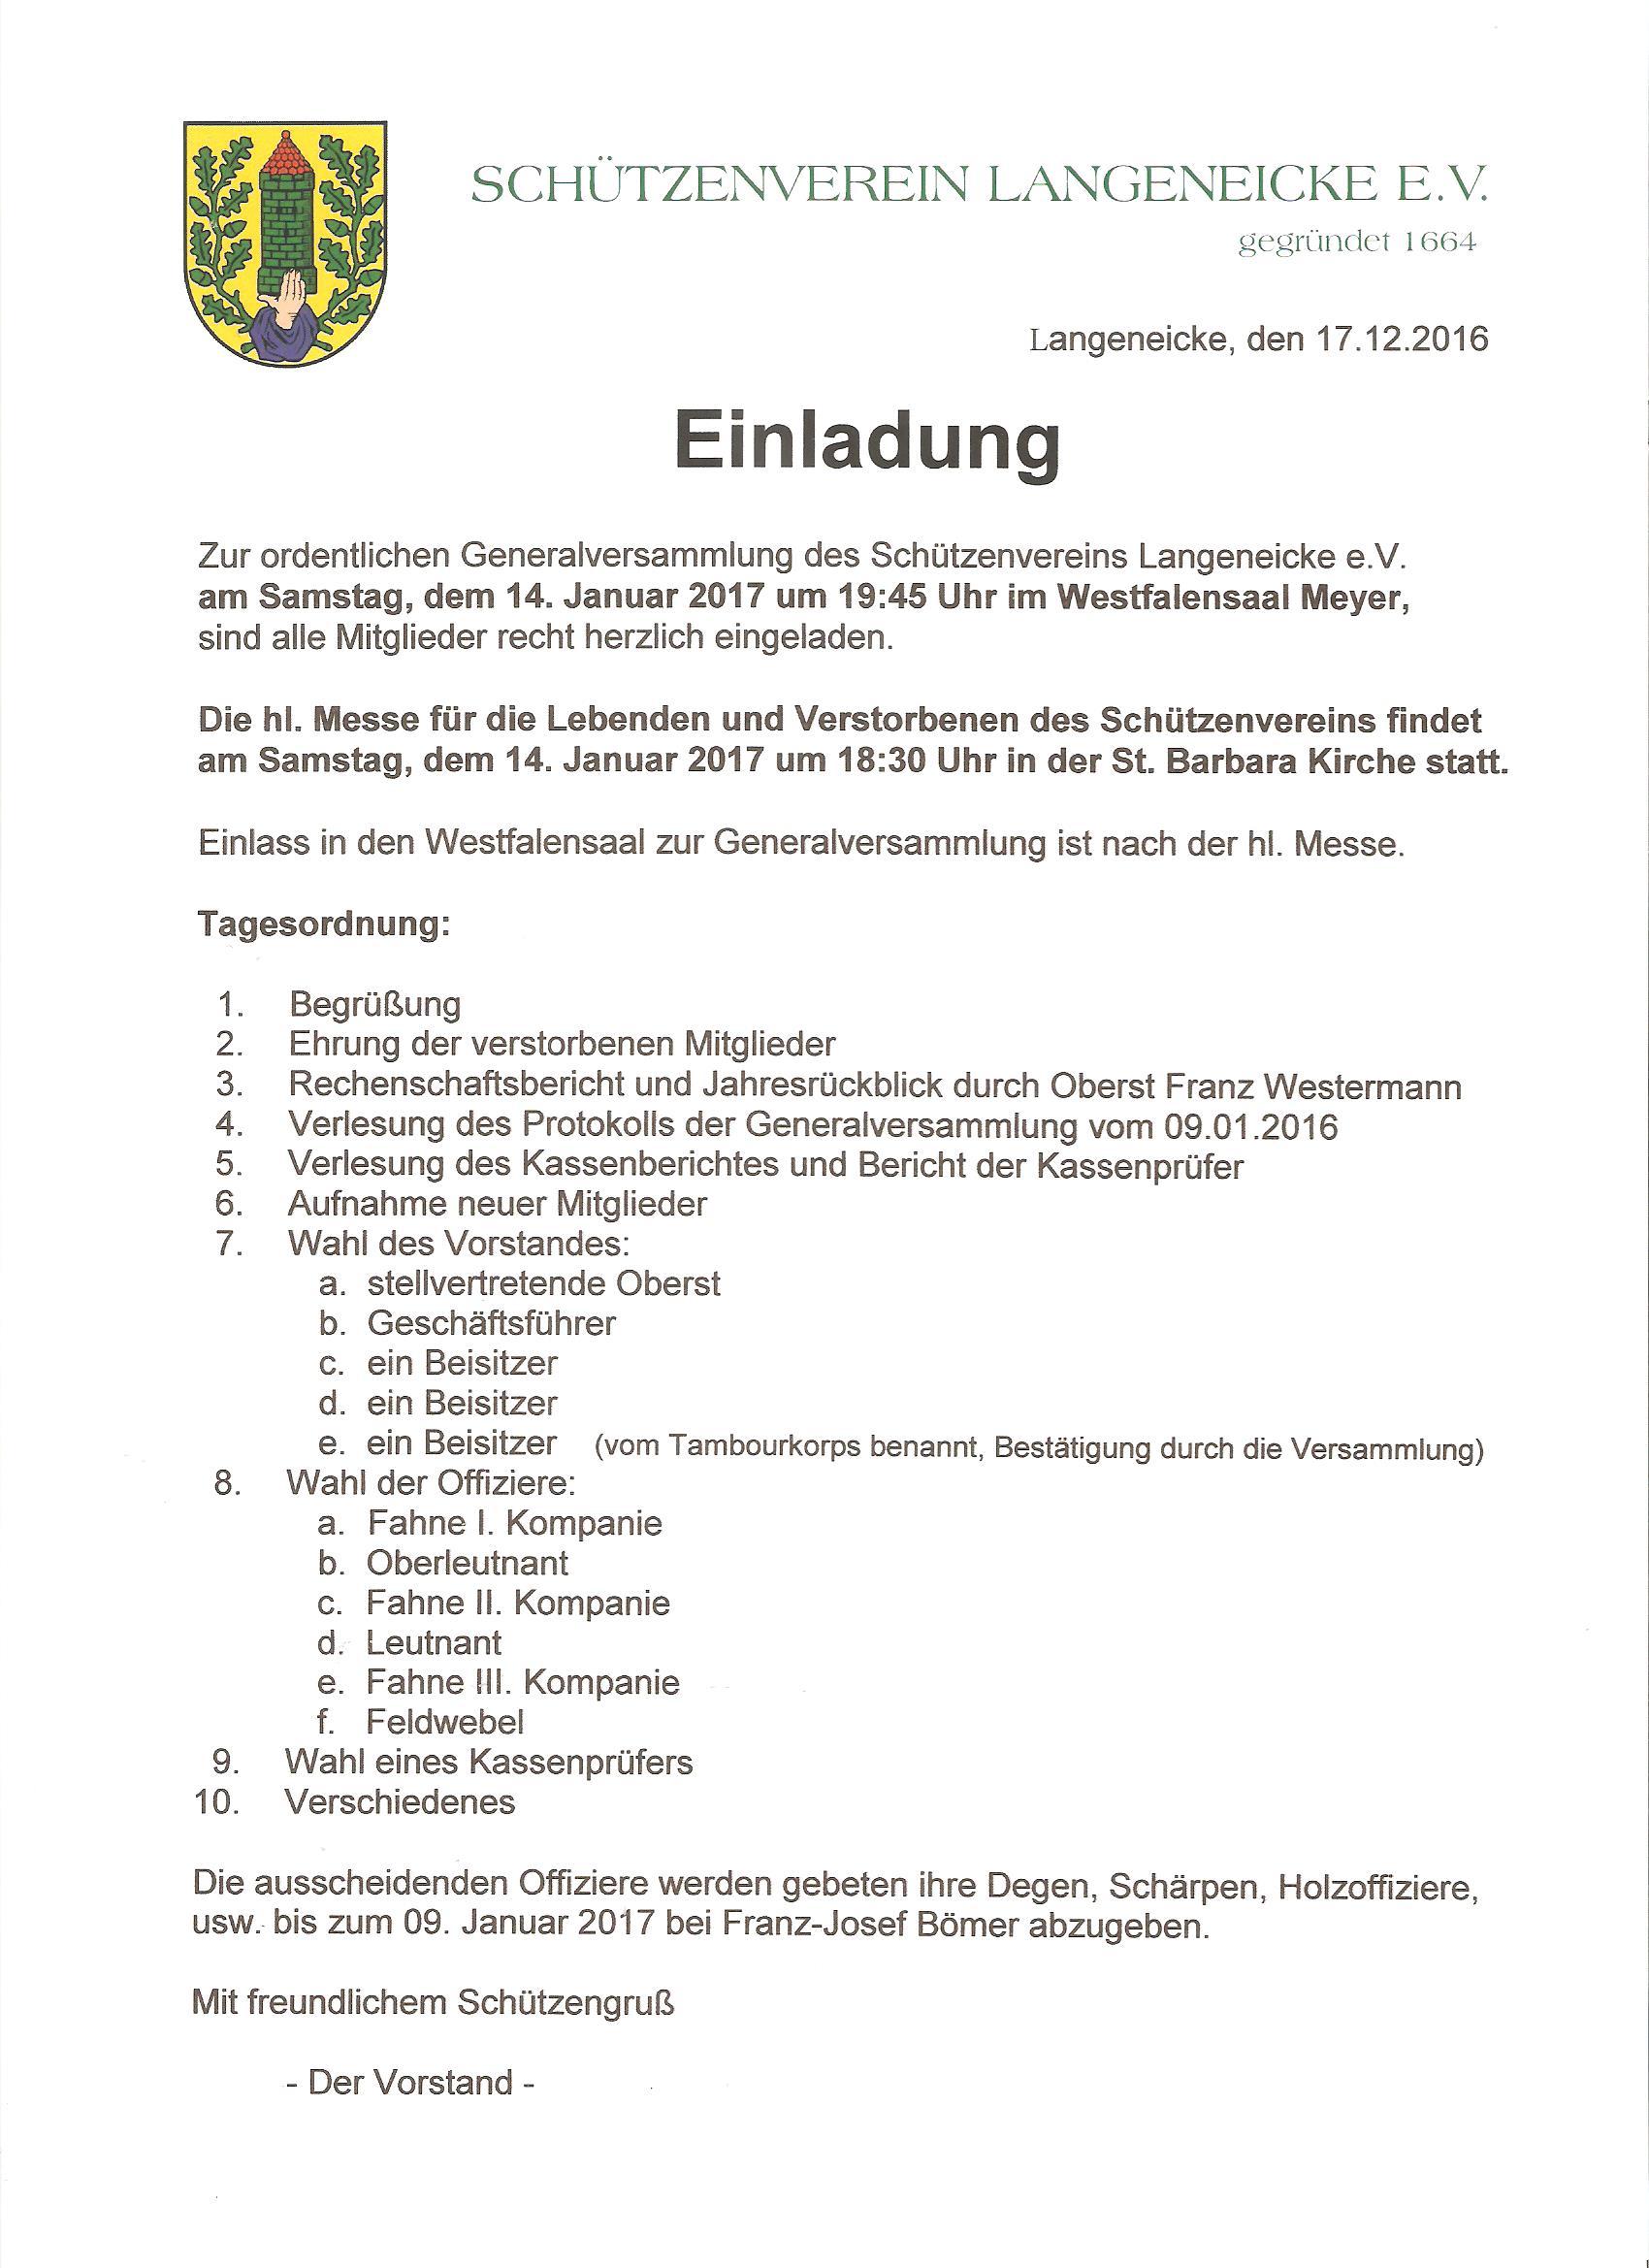 einladung zur generalversammlung des schützenvereins am samstag, Einladung